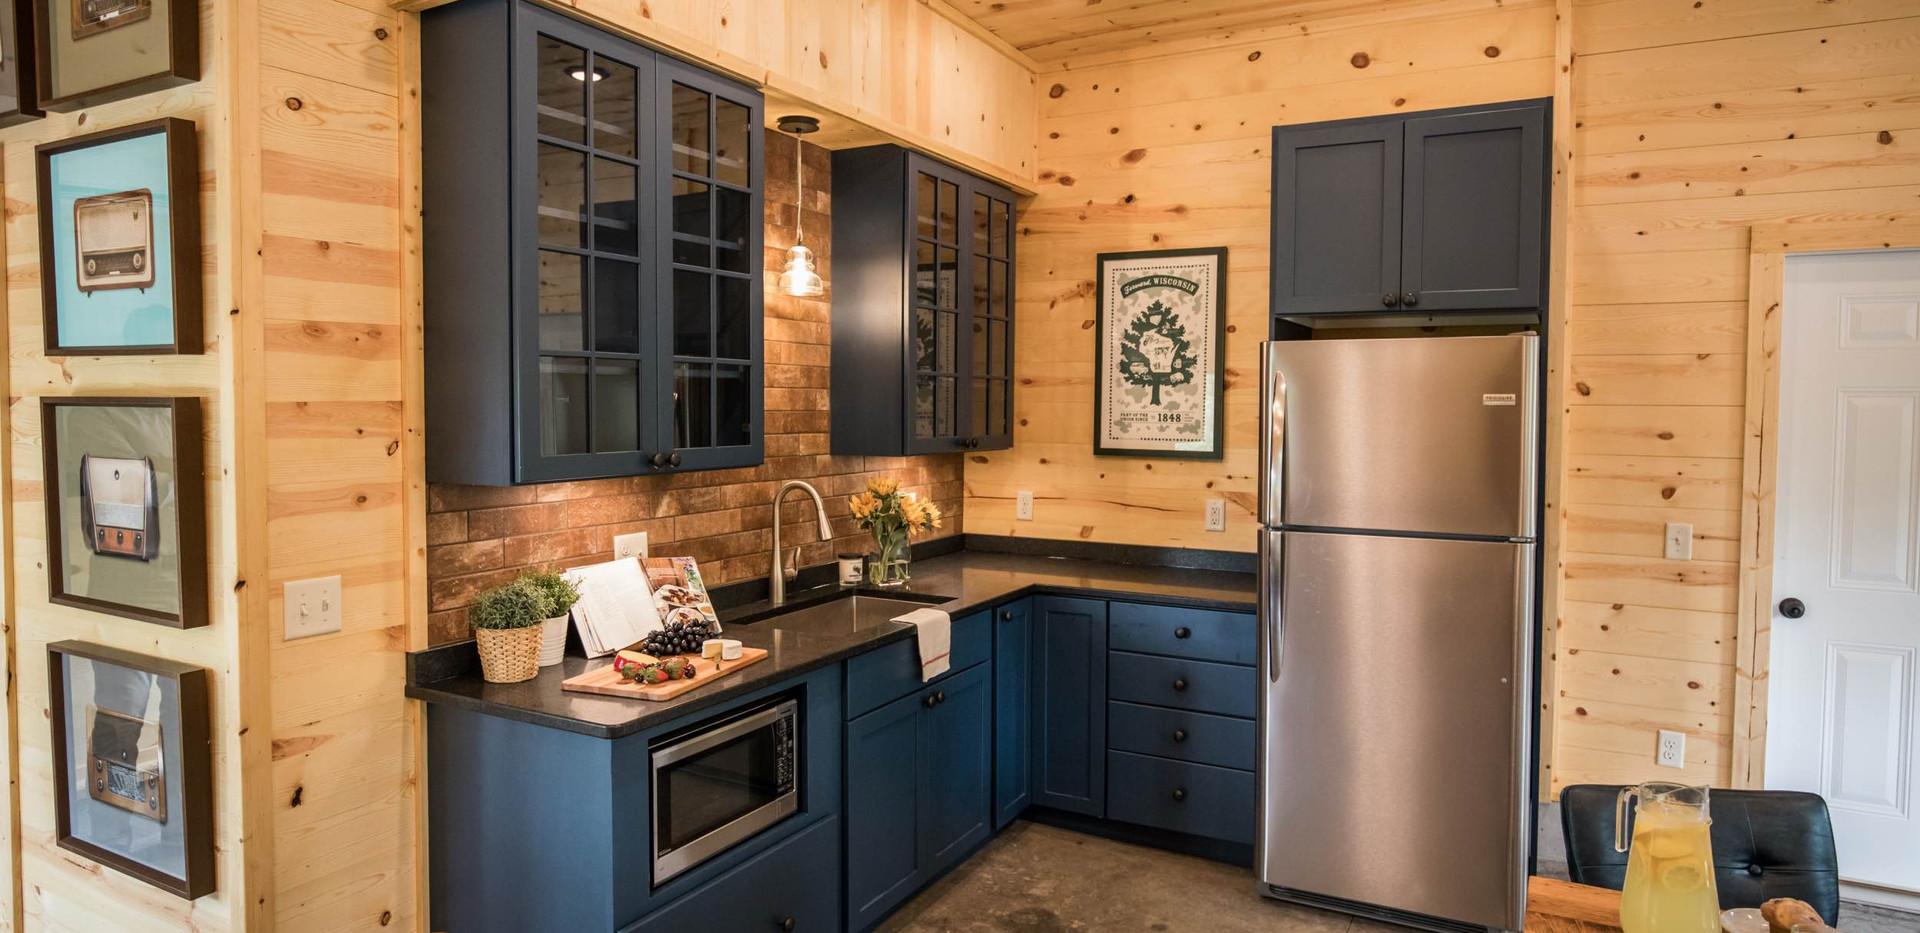 Contemporary Cabin Studio Kitchenette